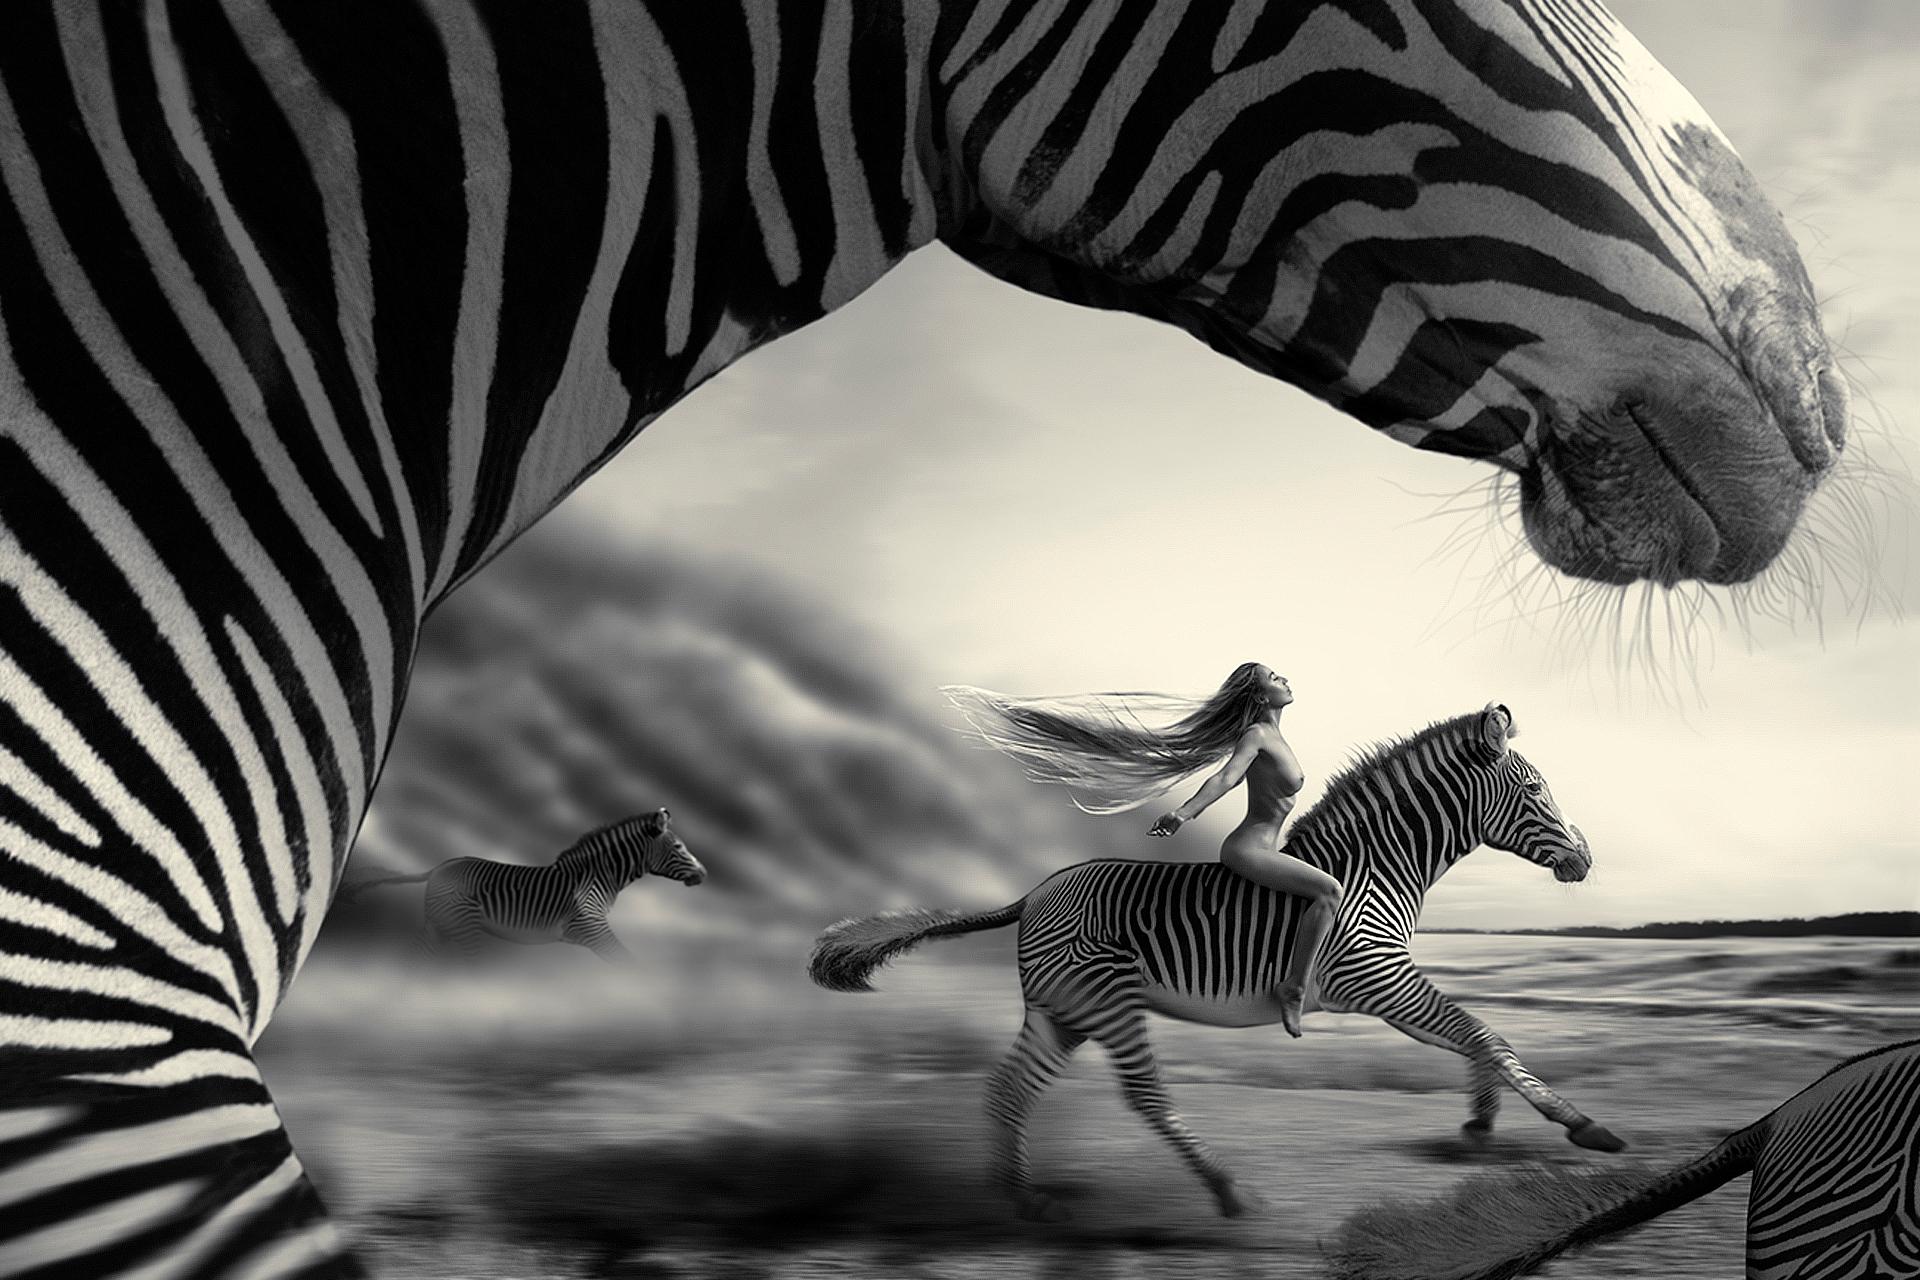 Woman riding a zebra